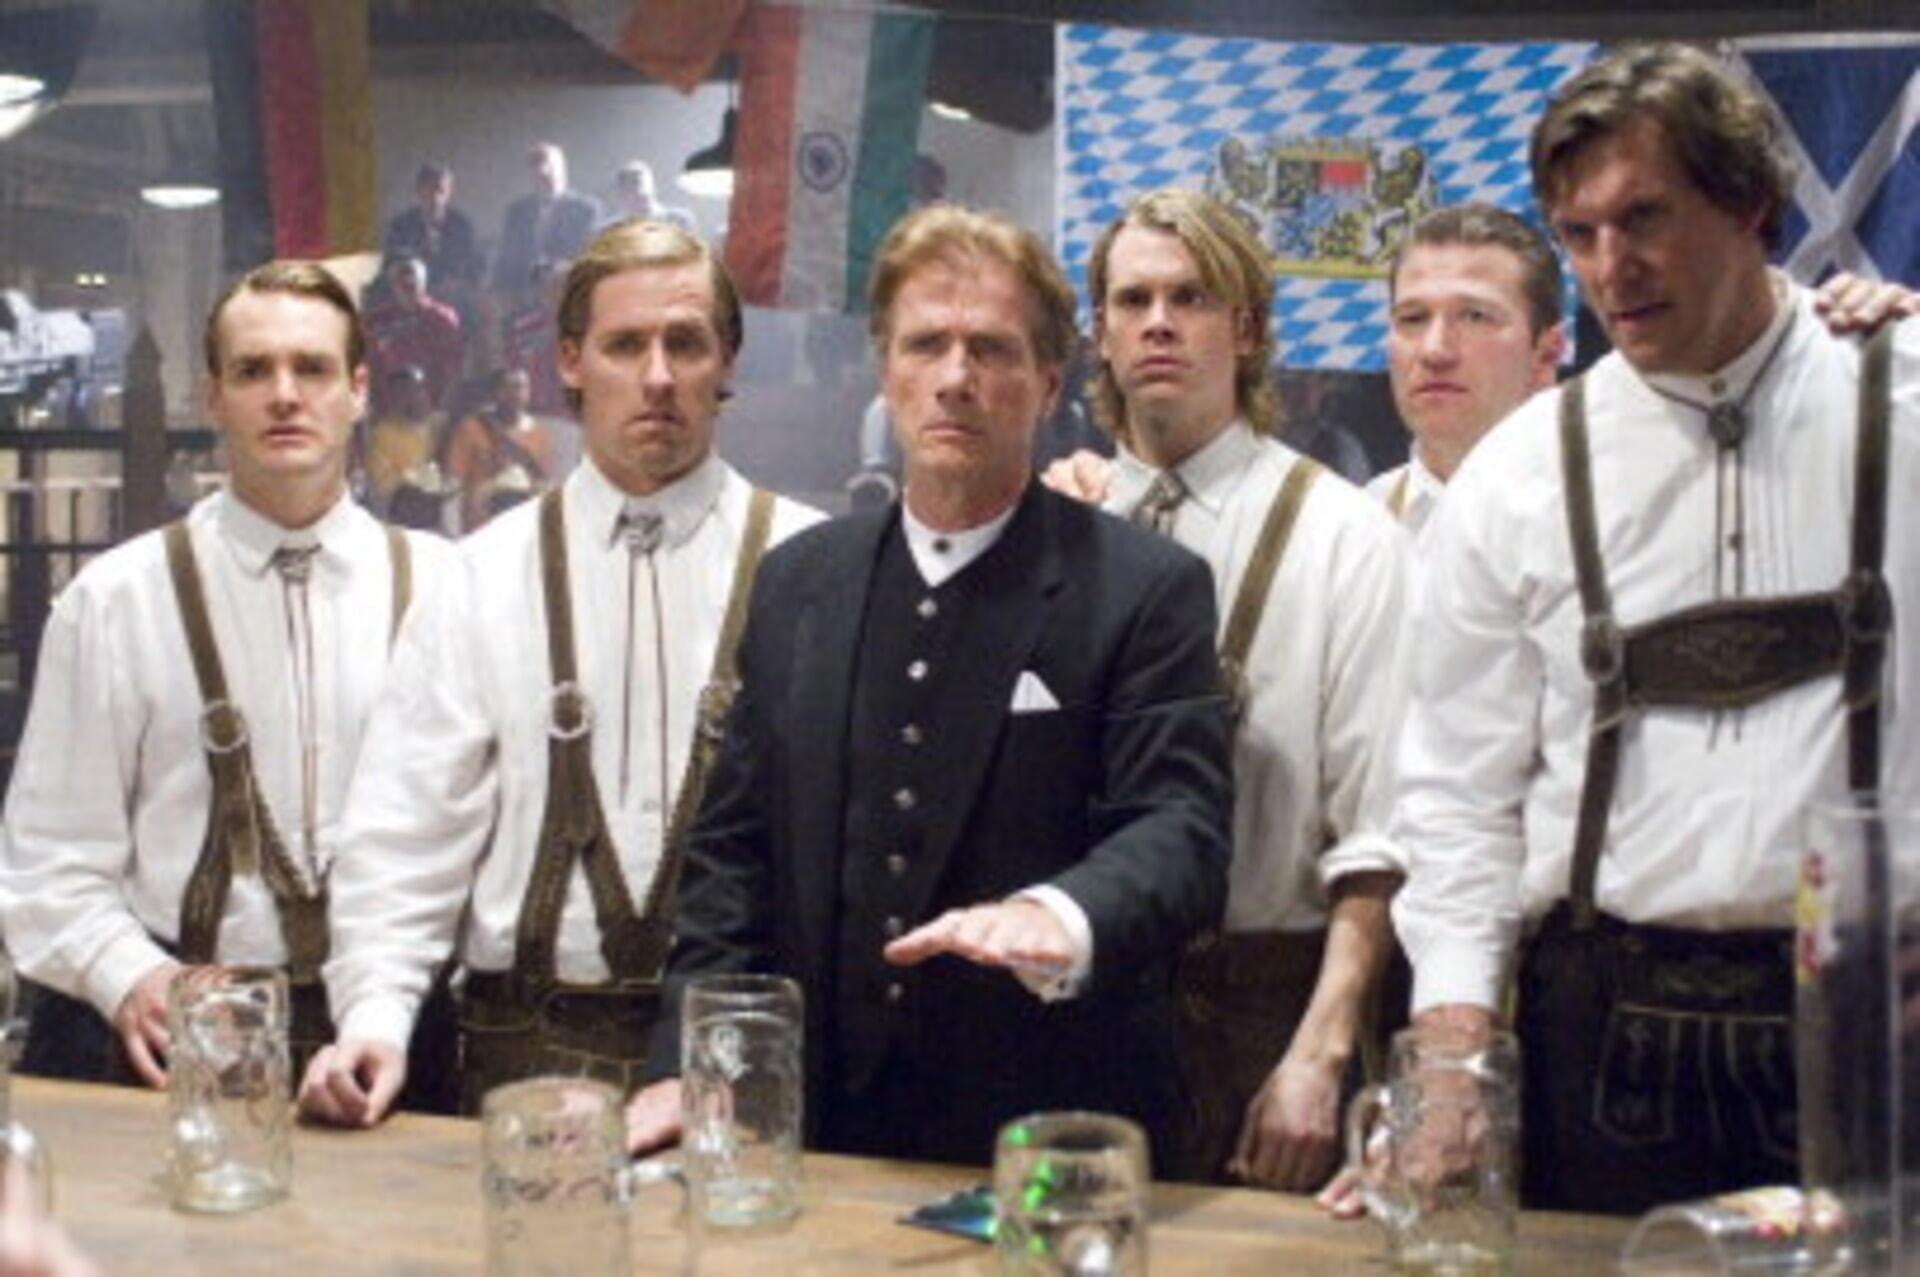 Beerfest - Image 18